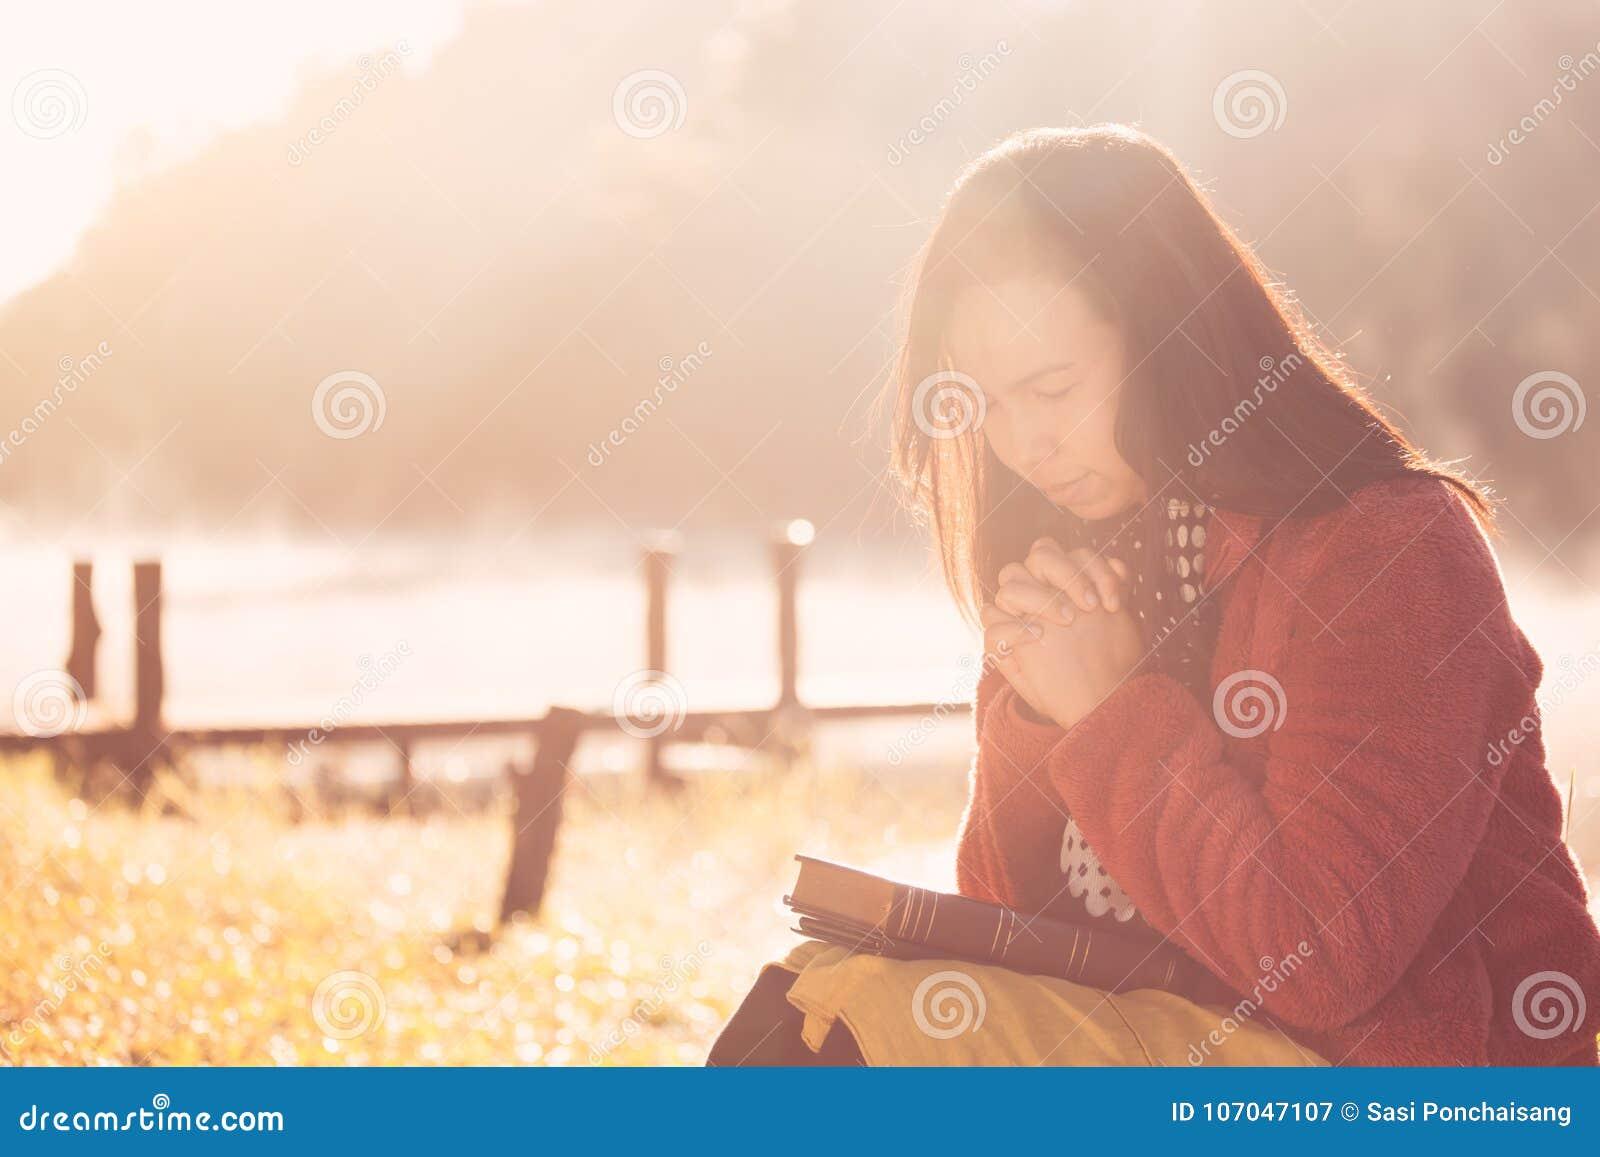 Frauenhände falteten sich im Gebet auf einer heiligen Bibel für Glauben